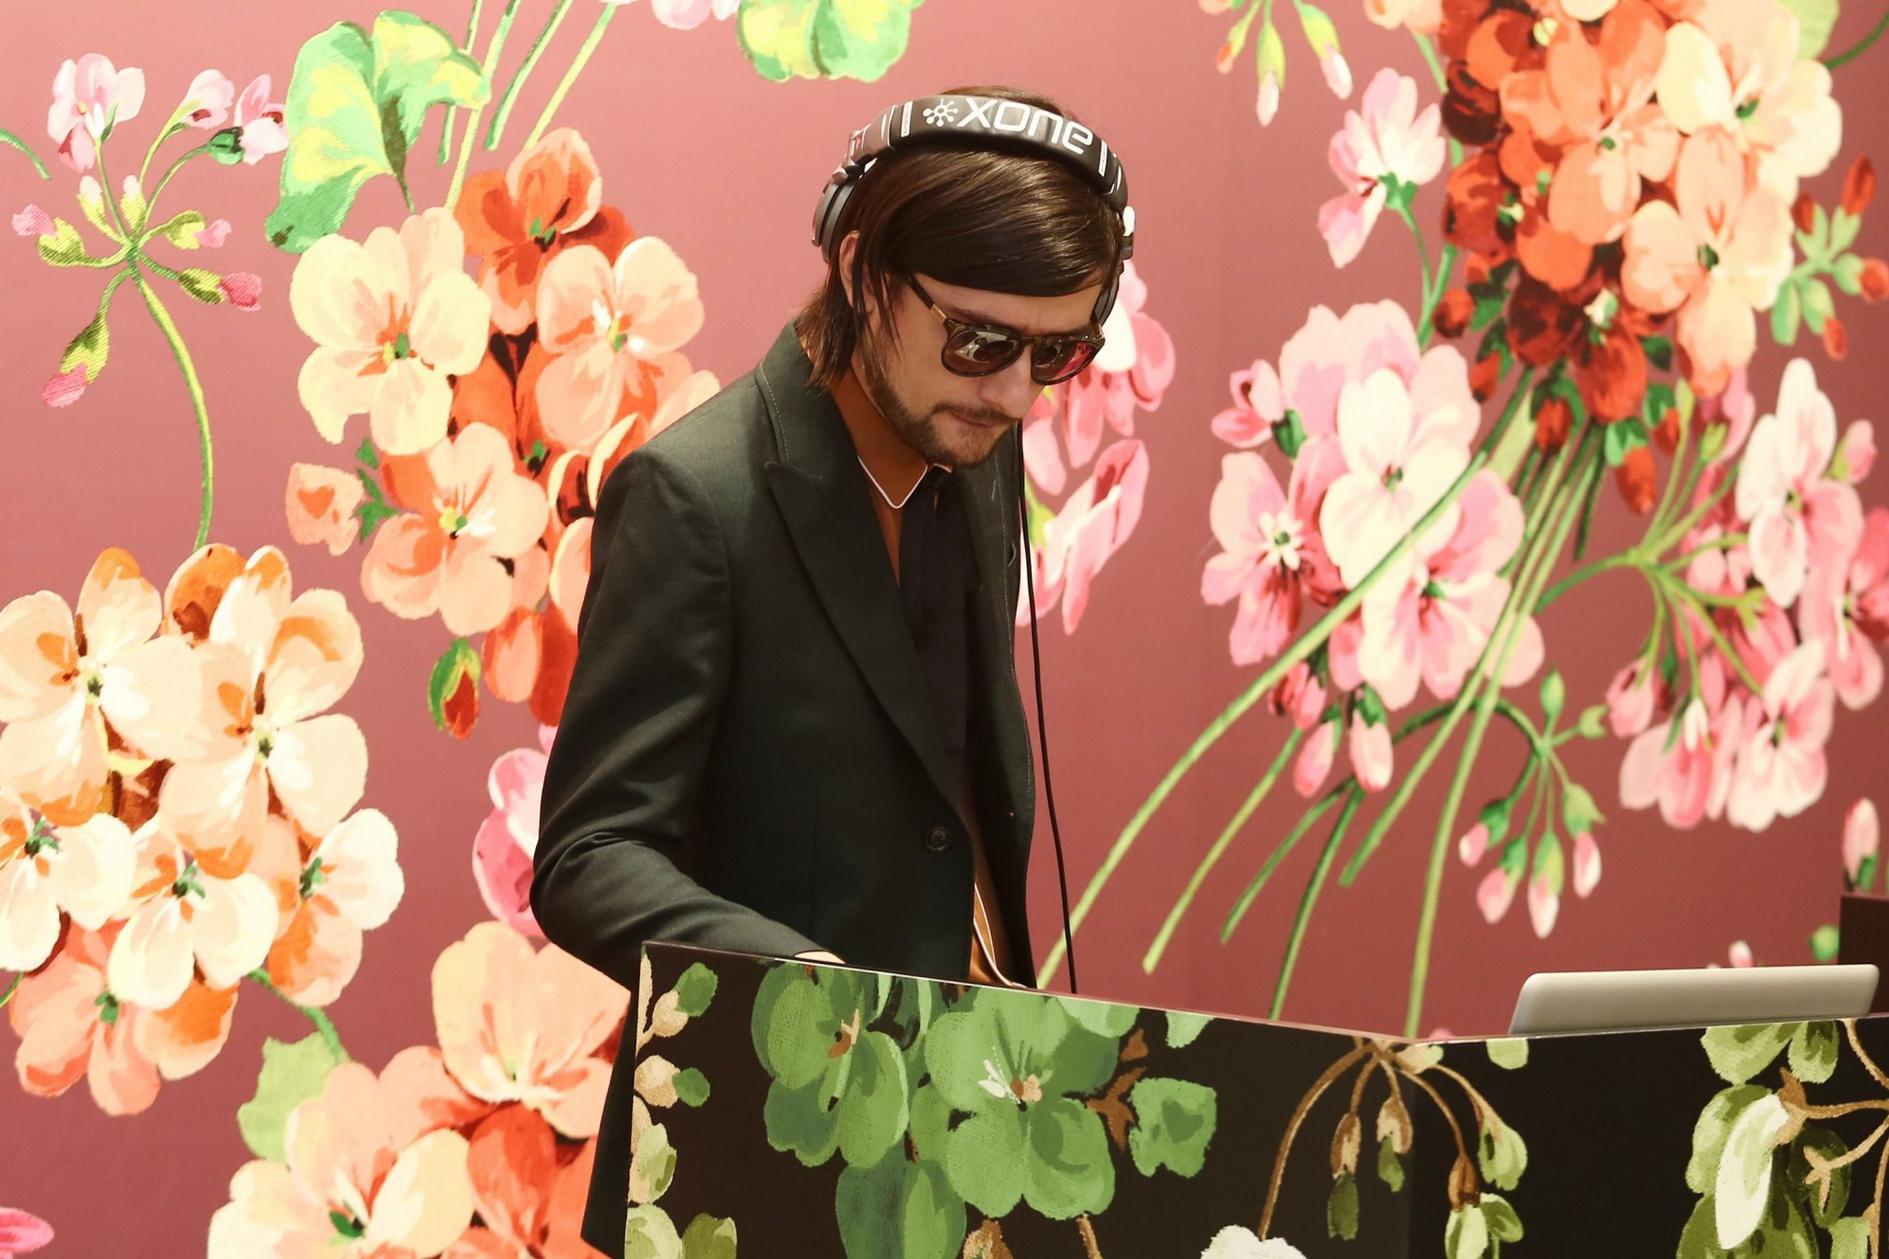 DJ Drew Tudose trong bộ comple nỉ pha len lịch lãm cùng áo sơmi vải lụa crepe mềm mại màu nâu matte